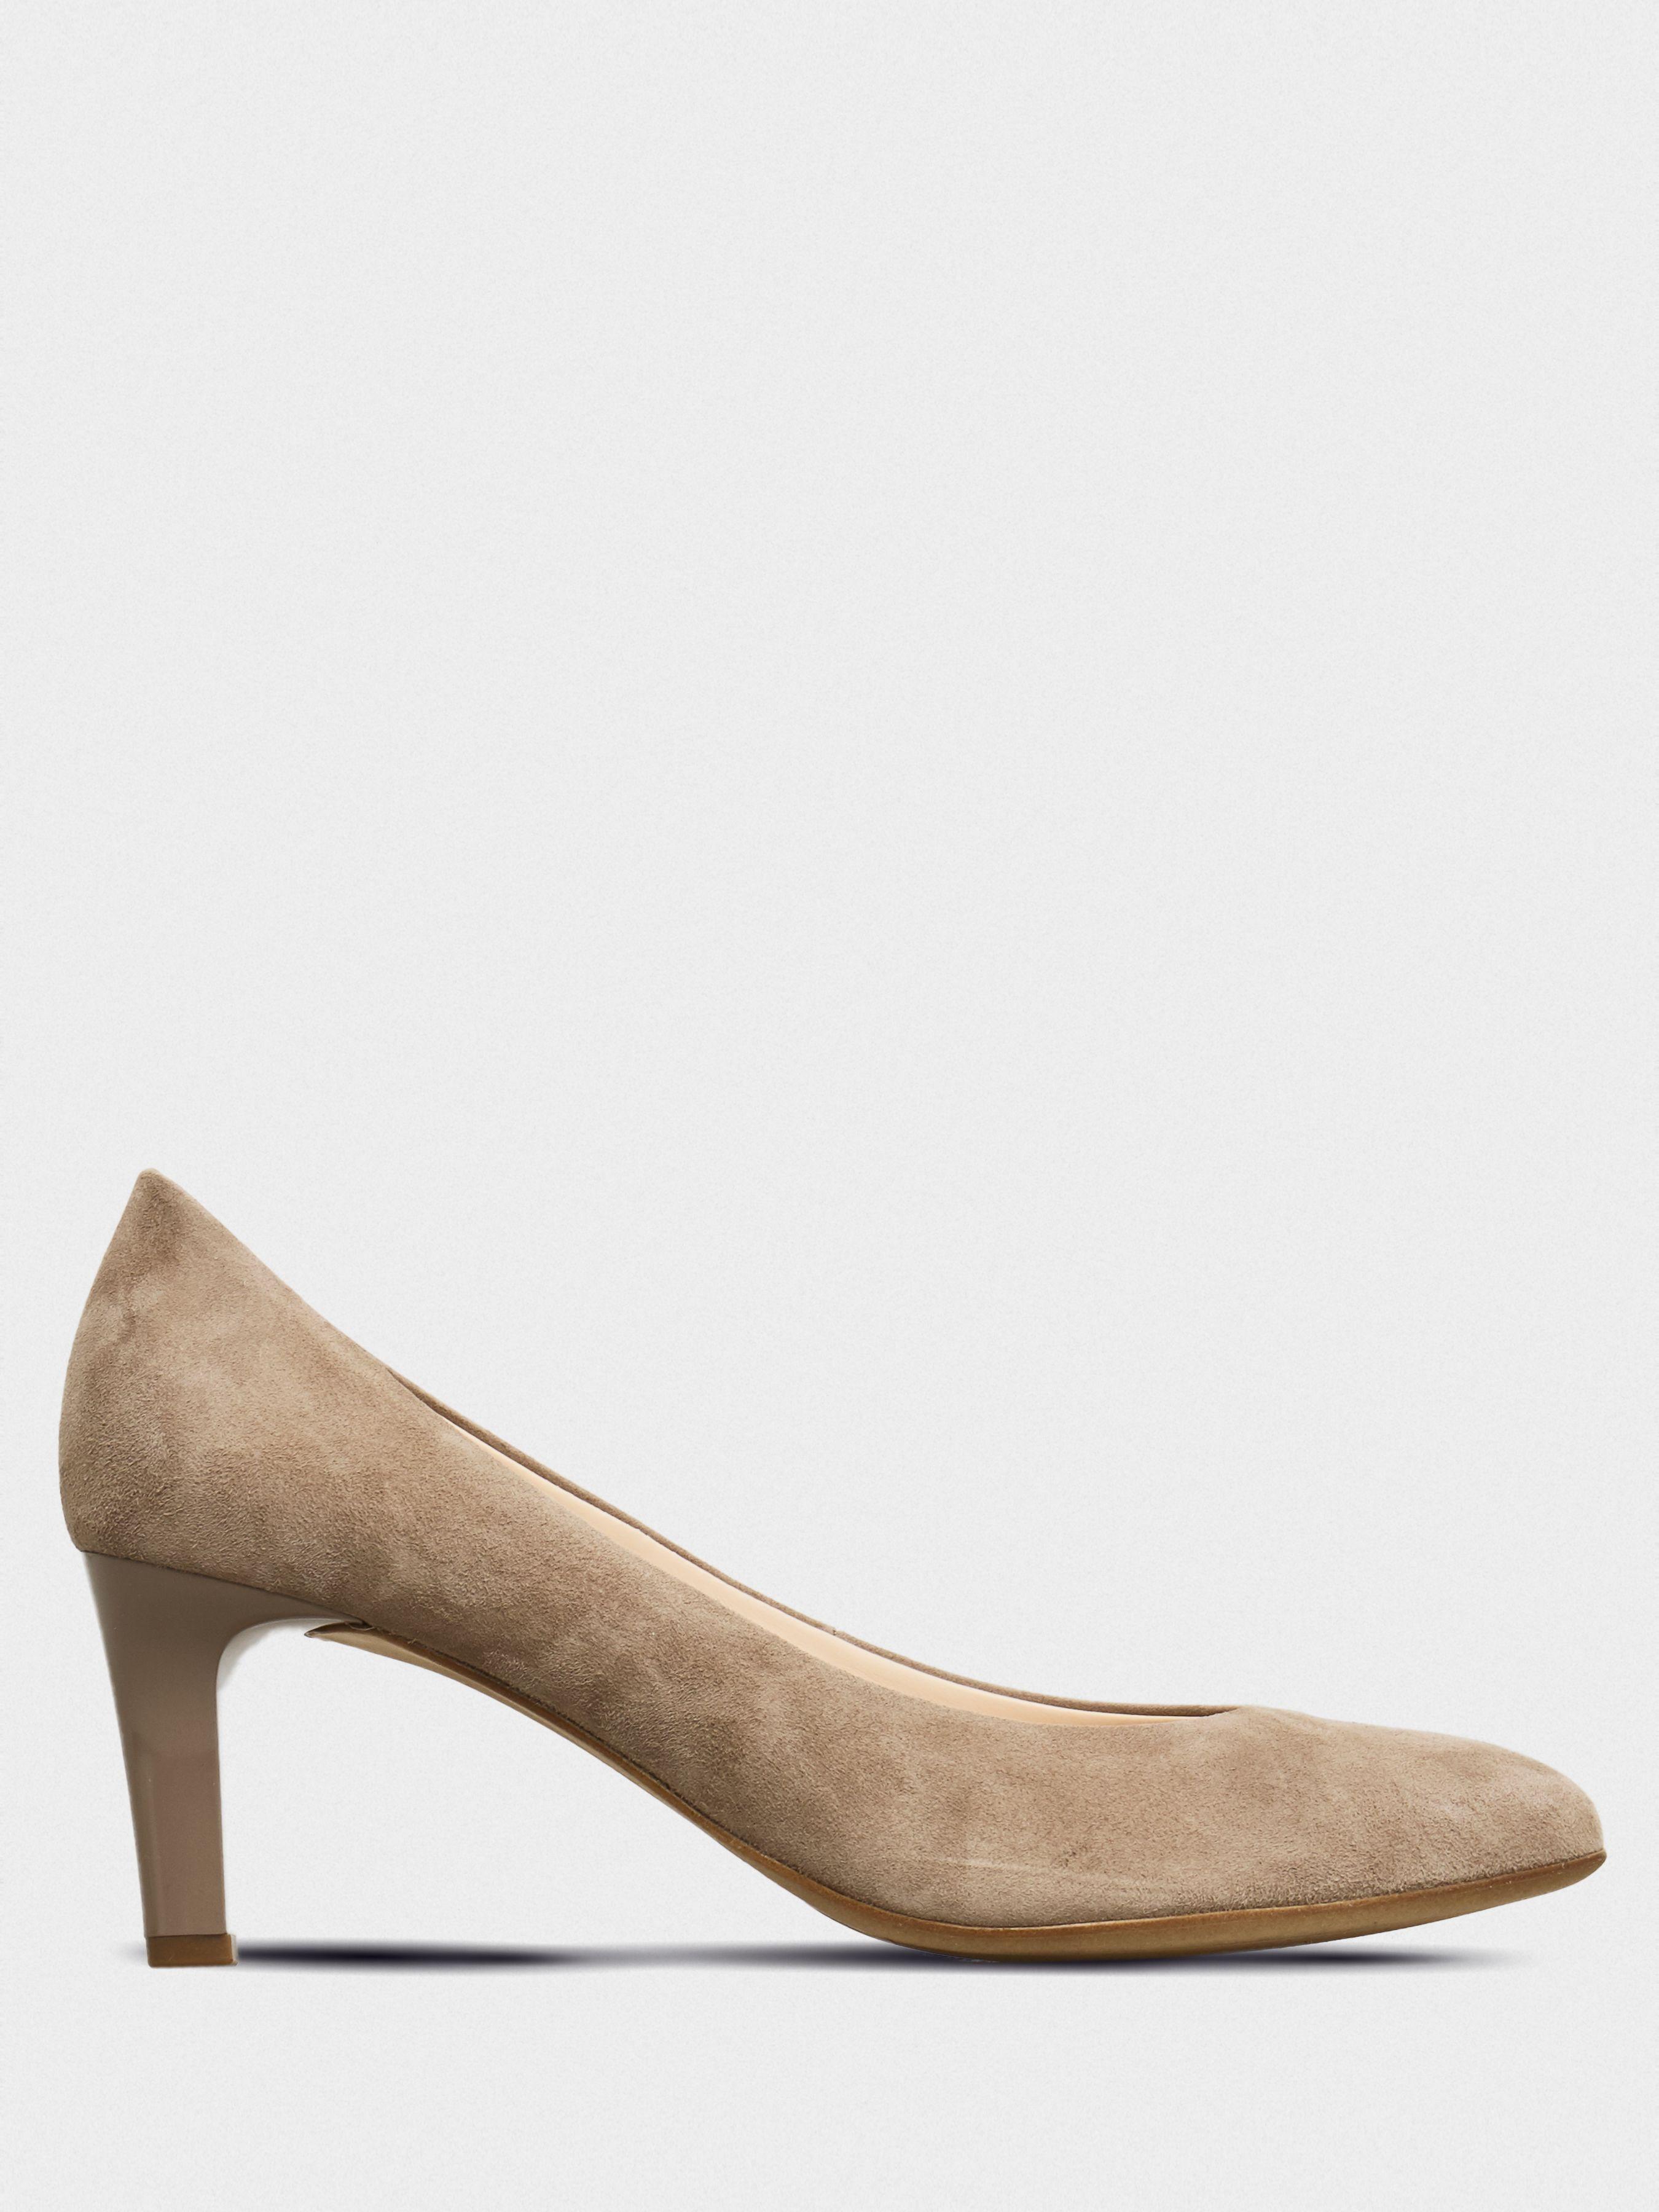 Купить Туфли женские Hogl STARLIGHT YN4020, Розовый